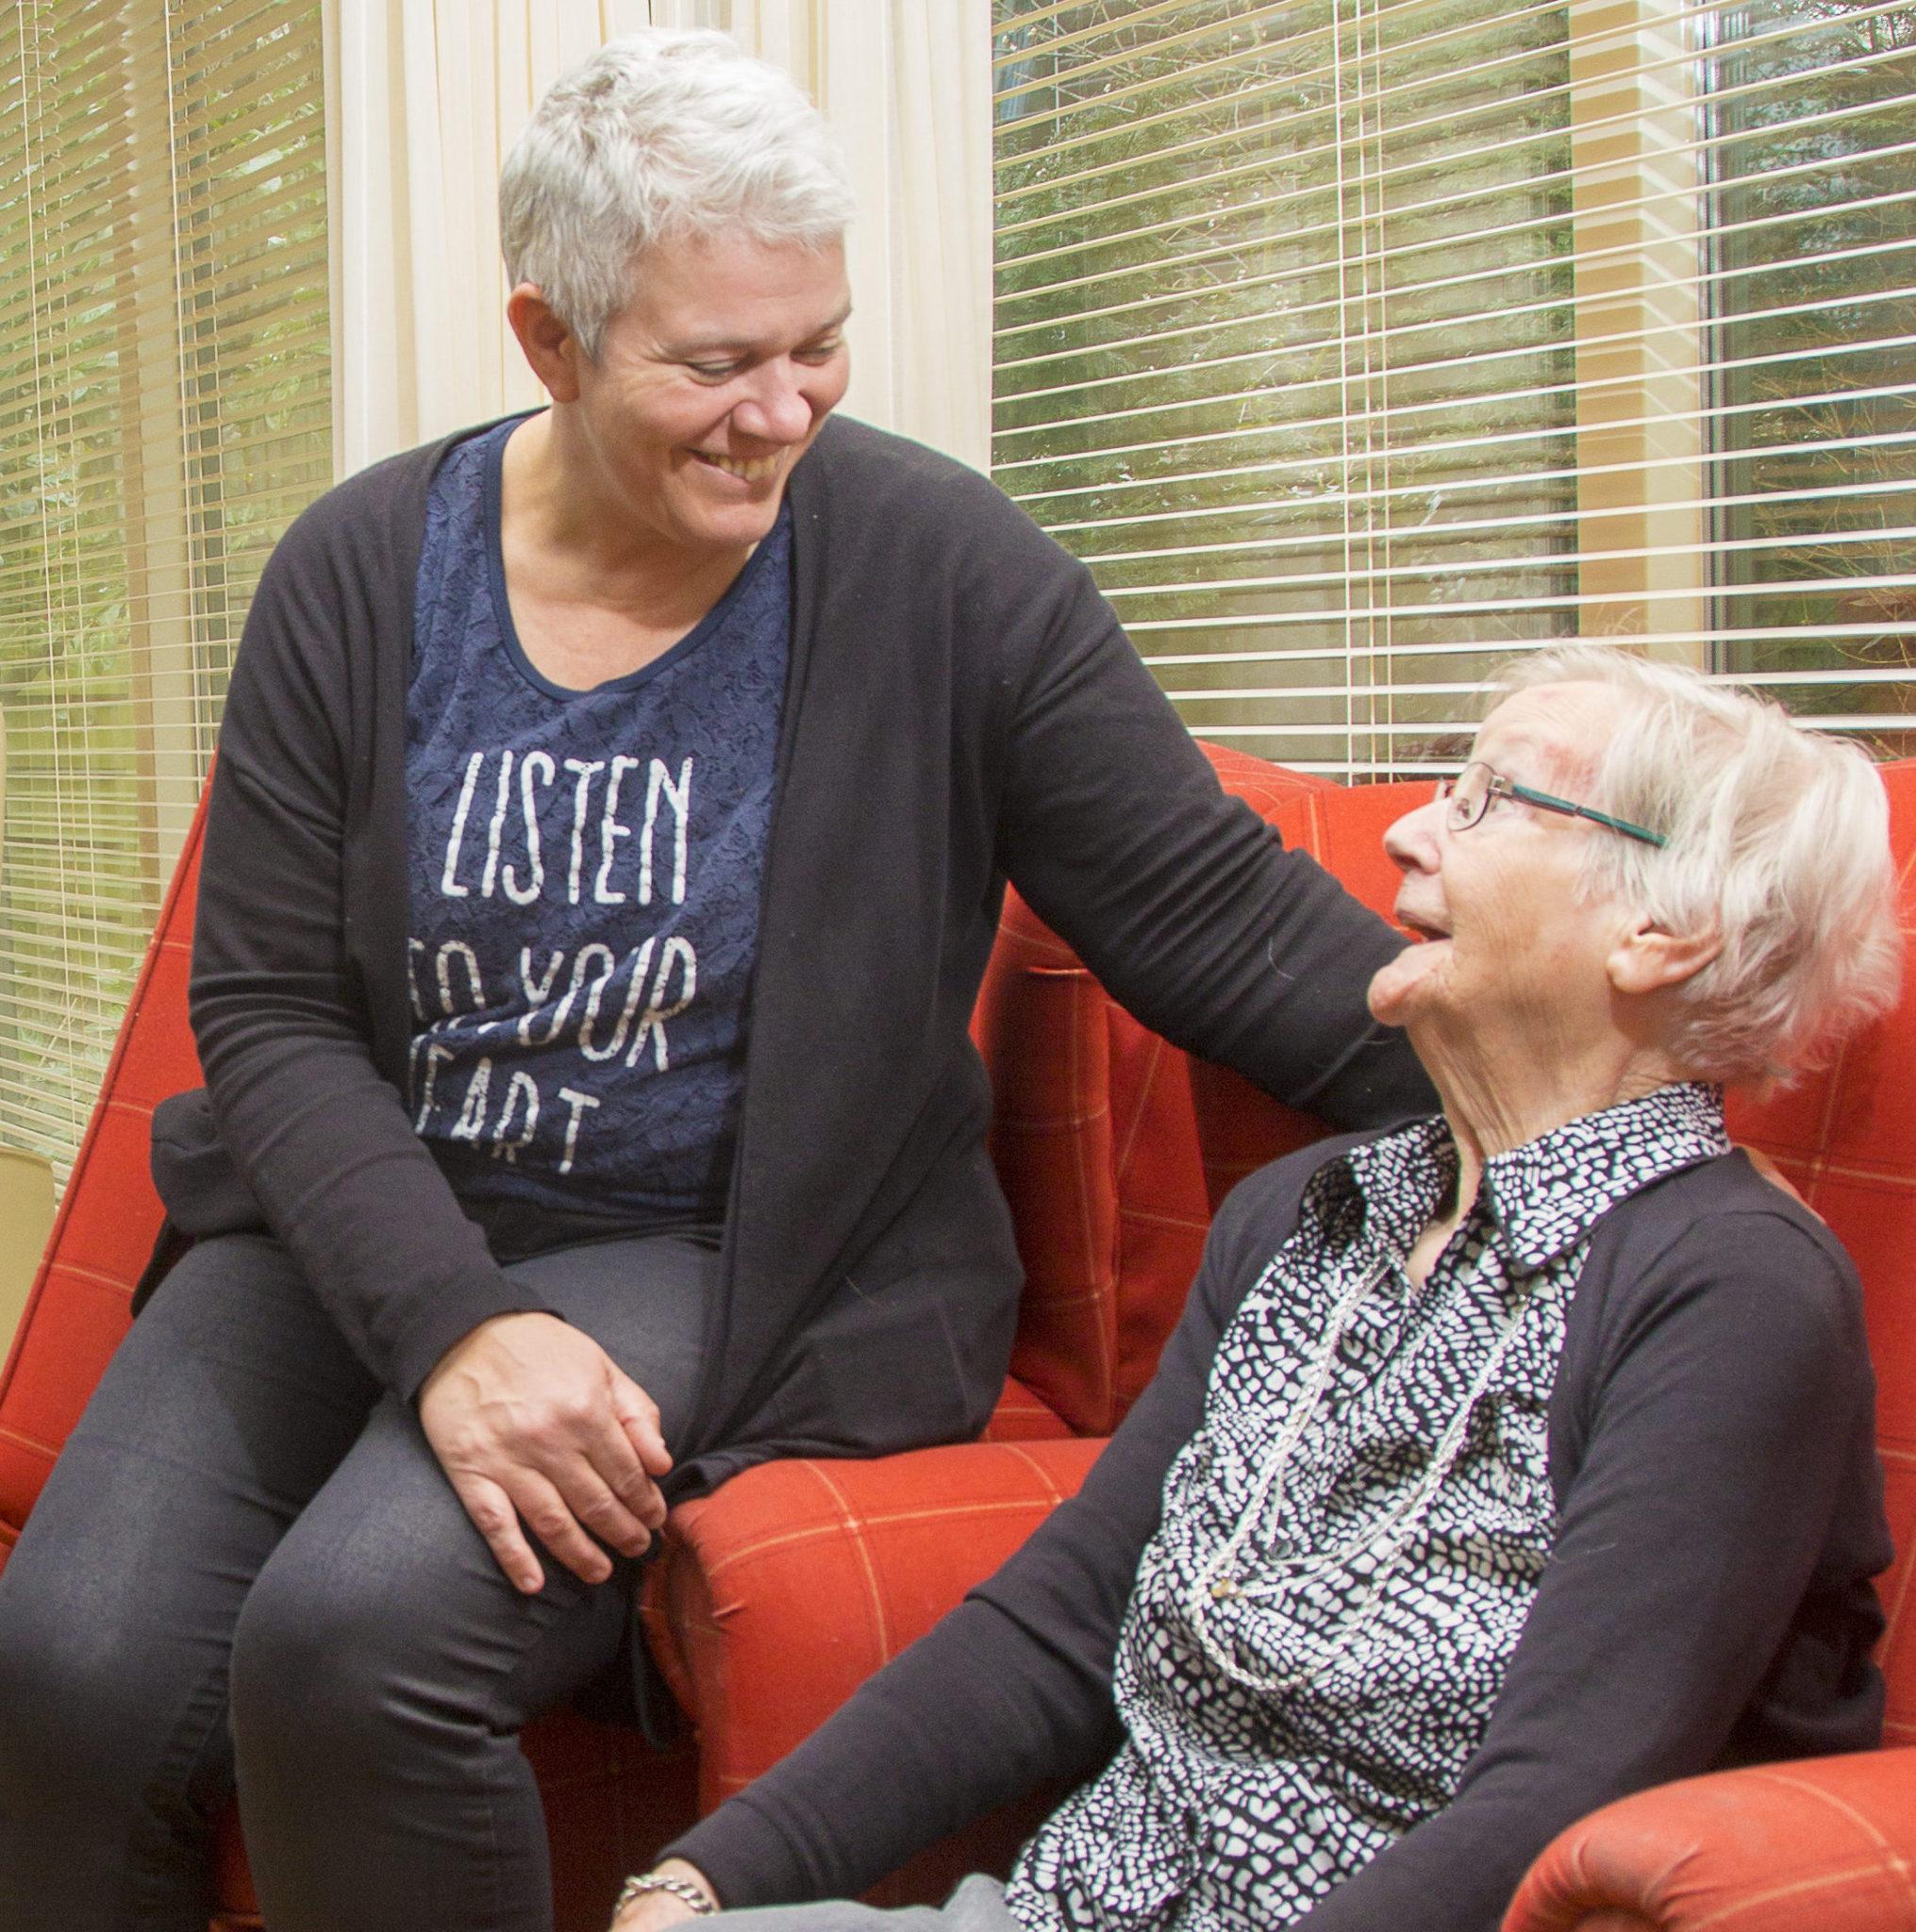 Huishoudelijk medewerkster Villa Poort van Wijk - Stepping ... Stepping Stones Home Care